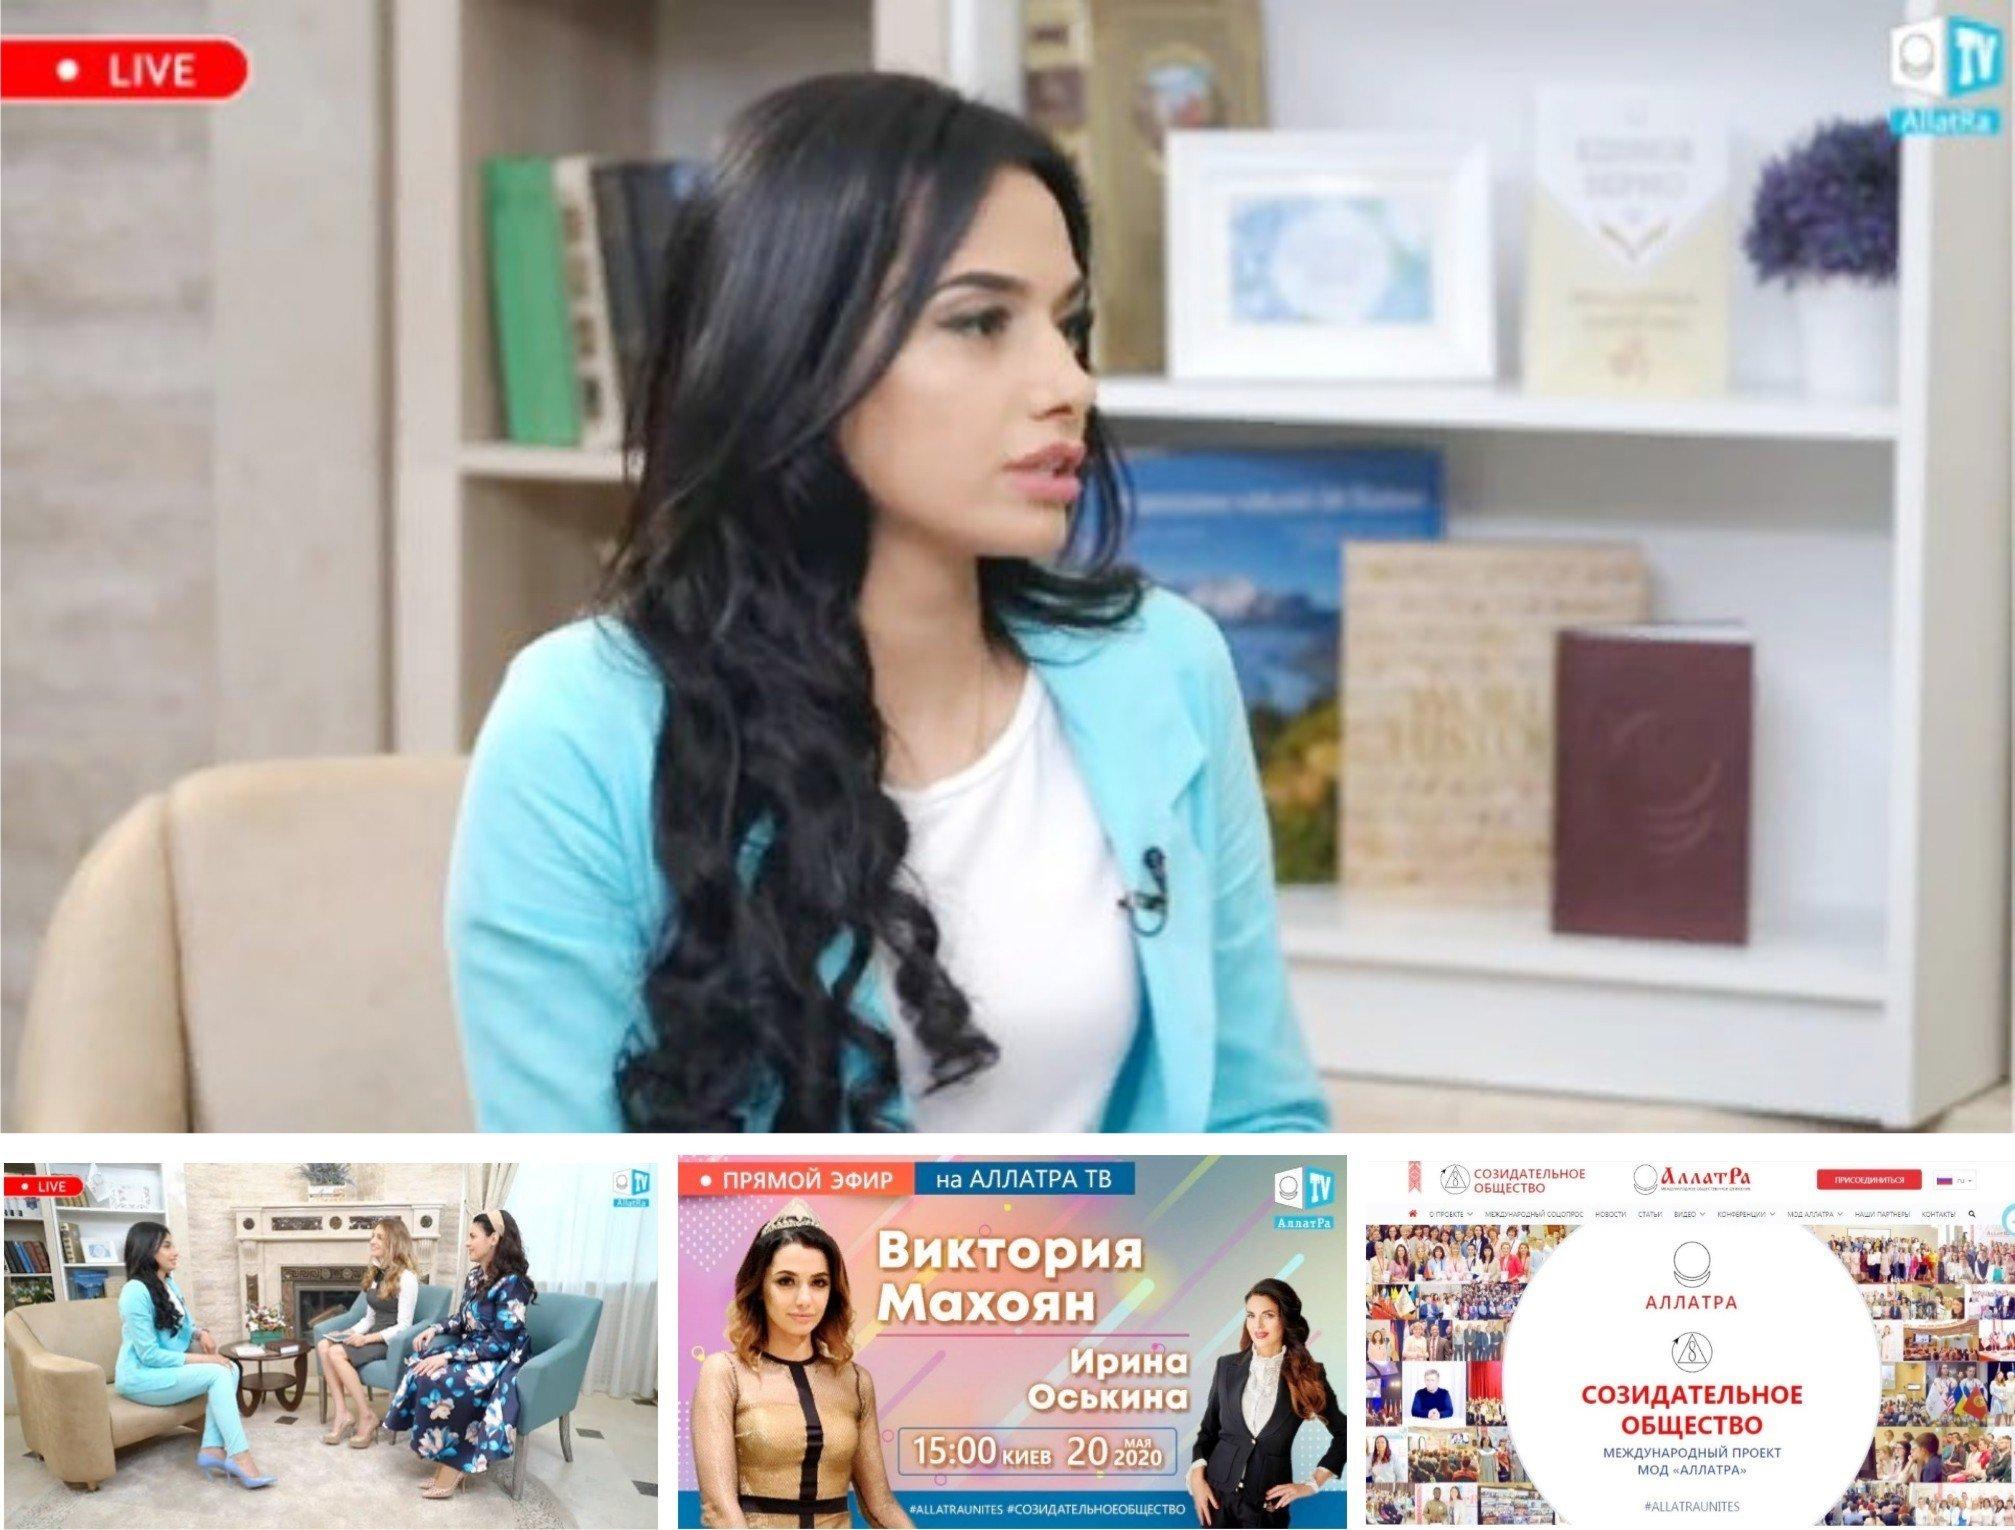 «Мисс Армения-2018» Виктория Махоян – специально для АЛЛАТРА ТВ